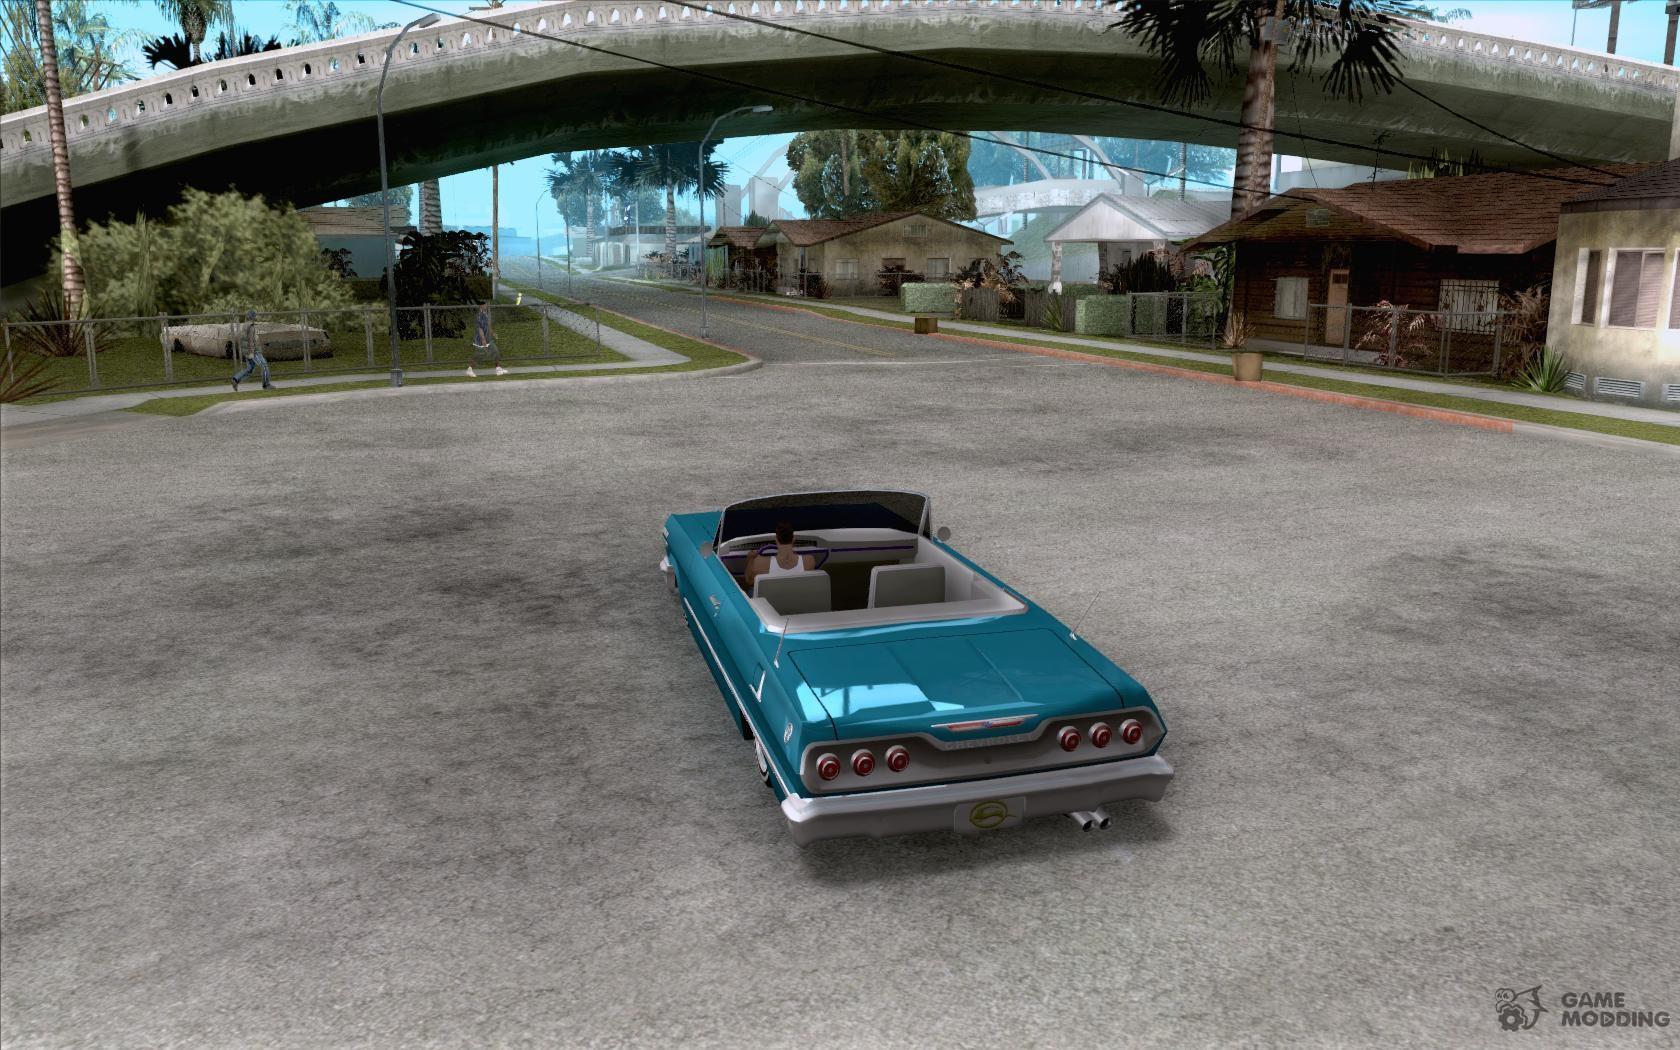 Chevrolet impala 4 door hardtop 1963 for gta san andreas - Chevrolet Impala Hardtop 1963 For Gta San Andreas Rear Left View